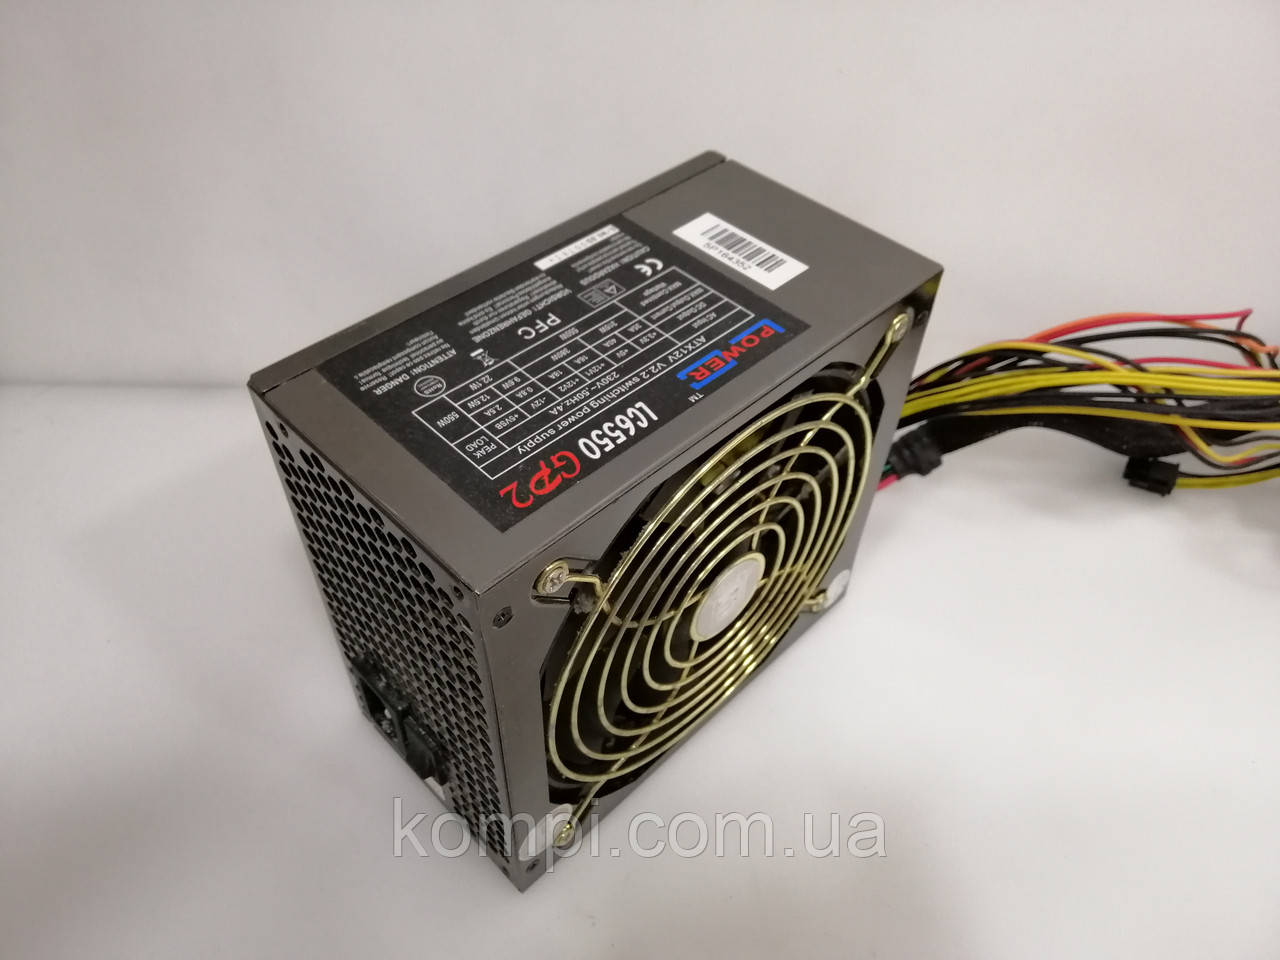 Блок питания 550W LC Power LC6550 GP2 v1.2   б/у